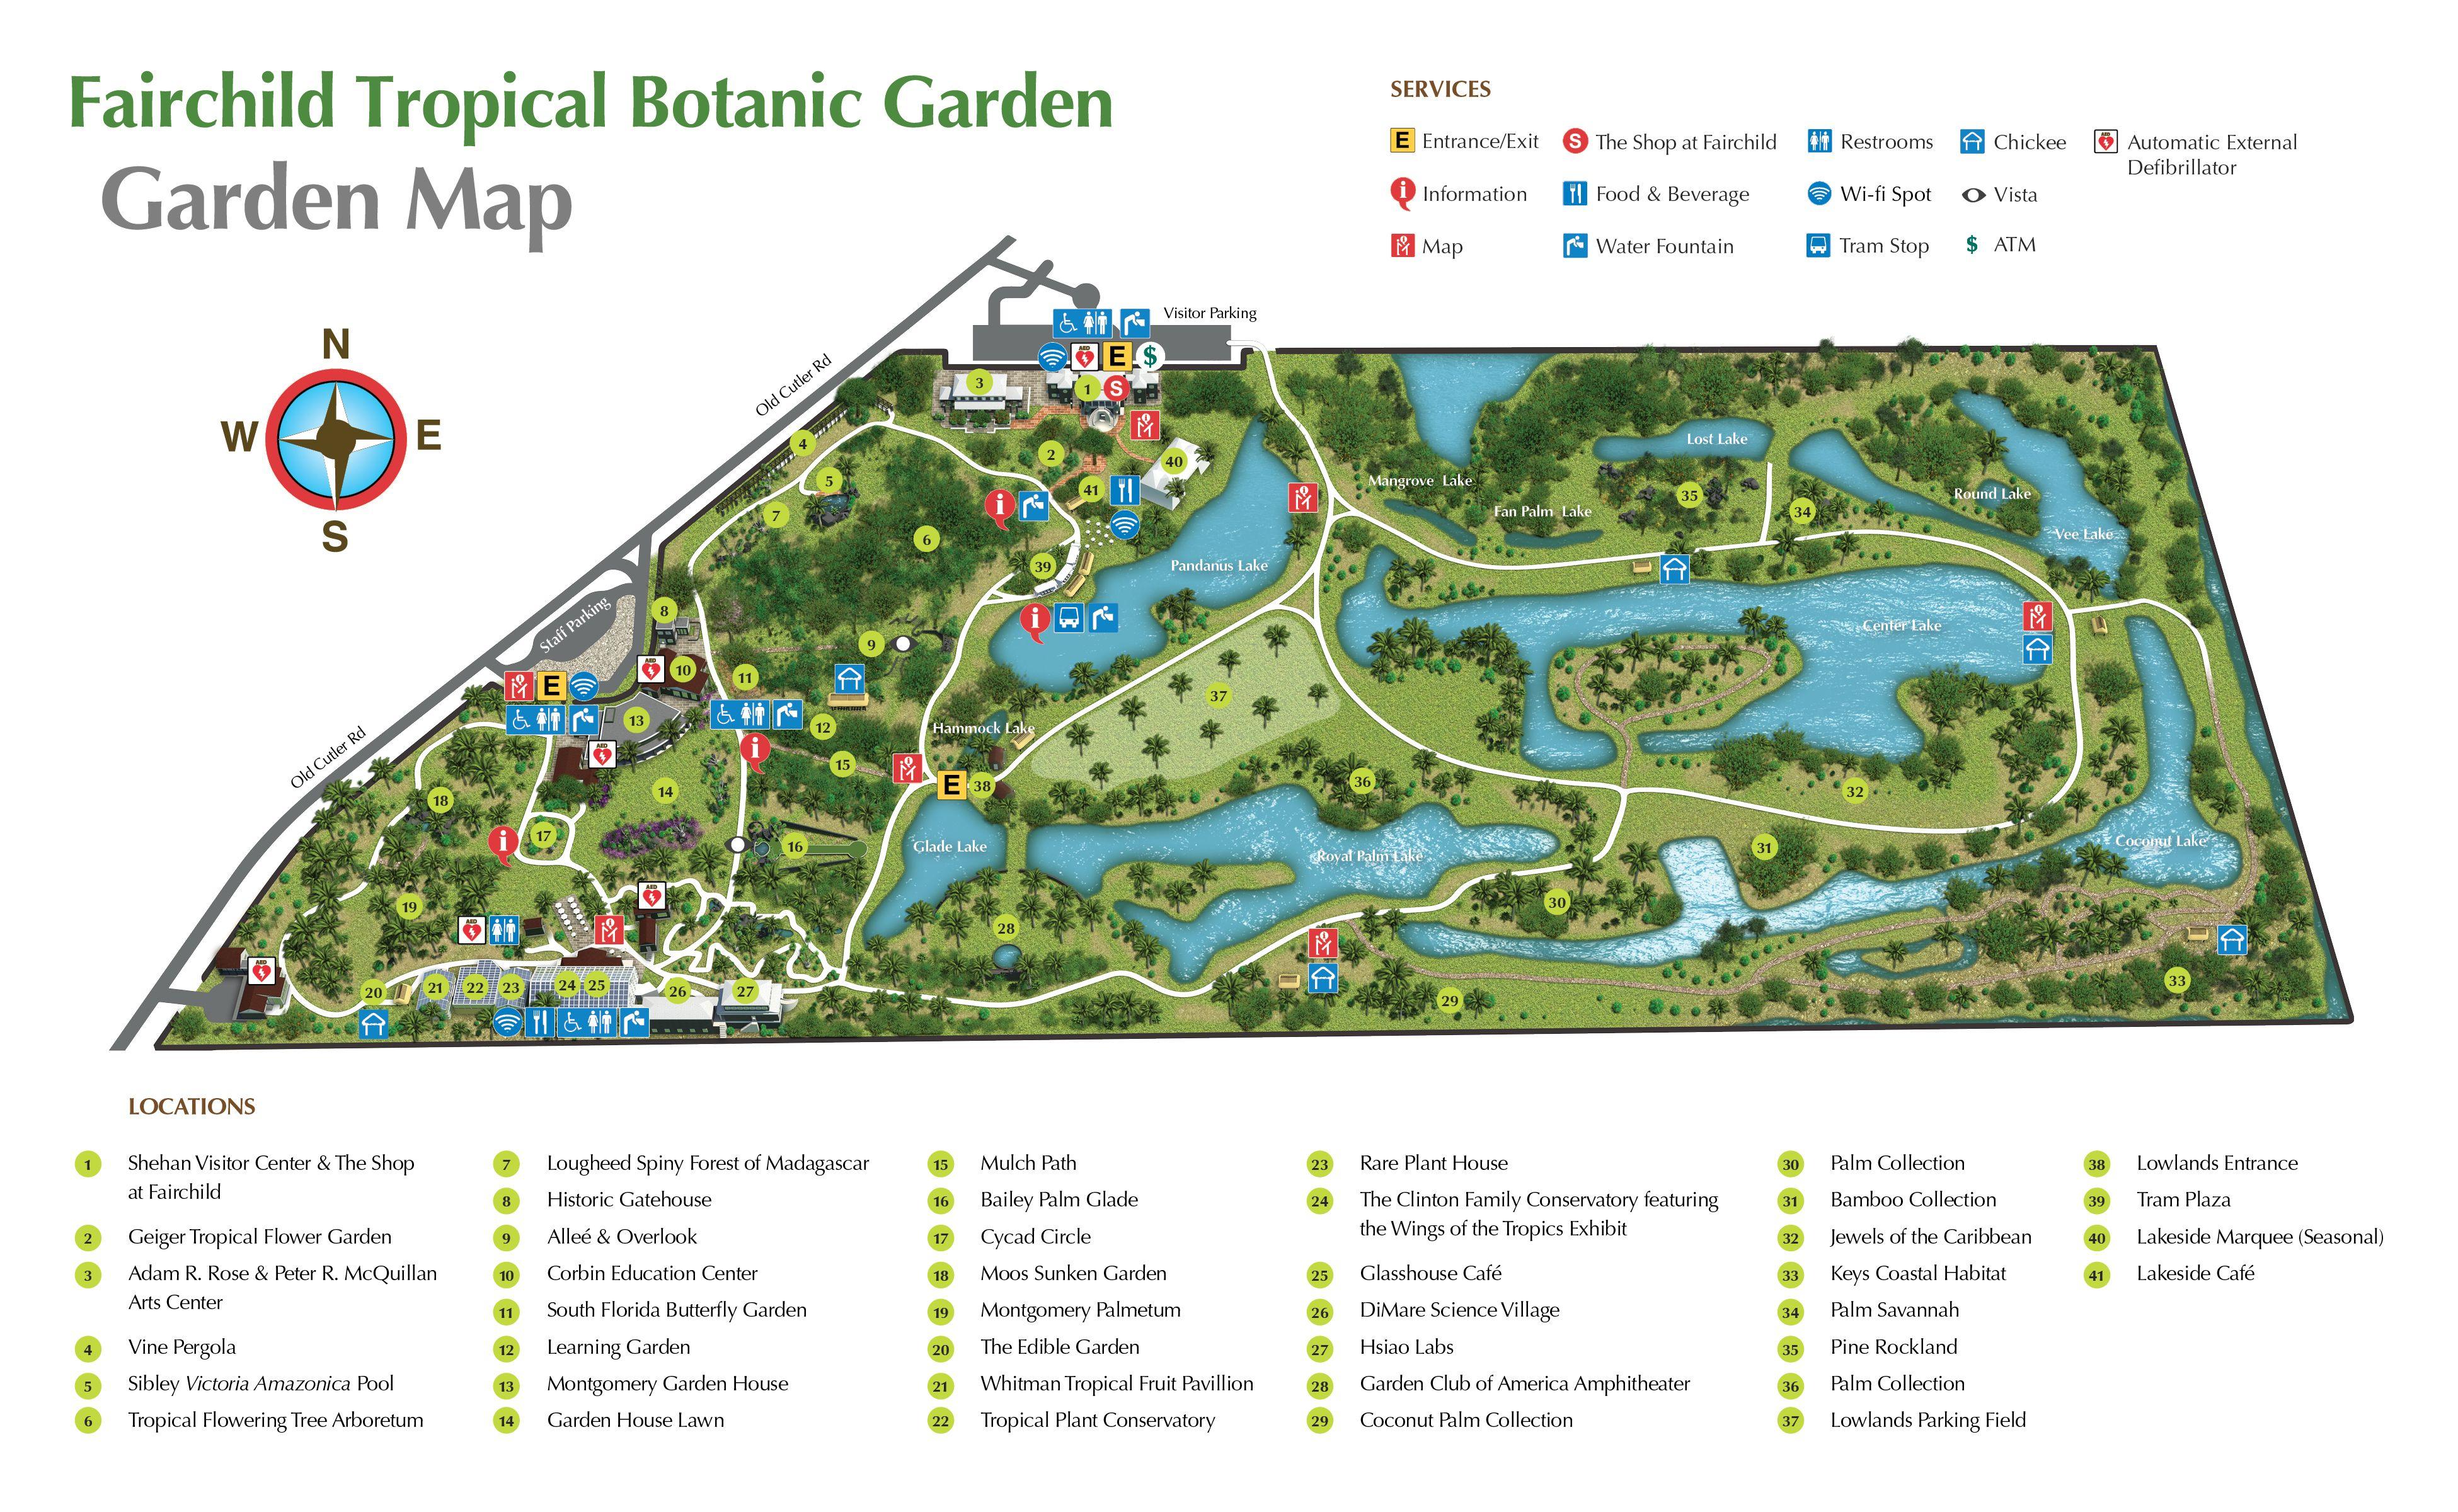 Pinsharon K On Florida Keys-Sightseeing Things To Do | Florida - Florida Botanical Gardens Map